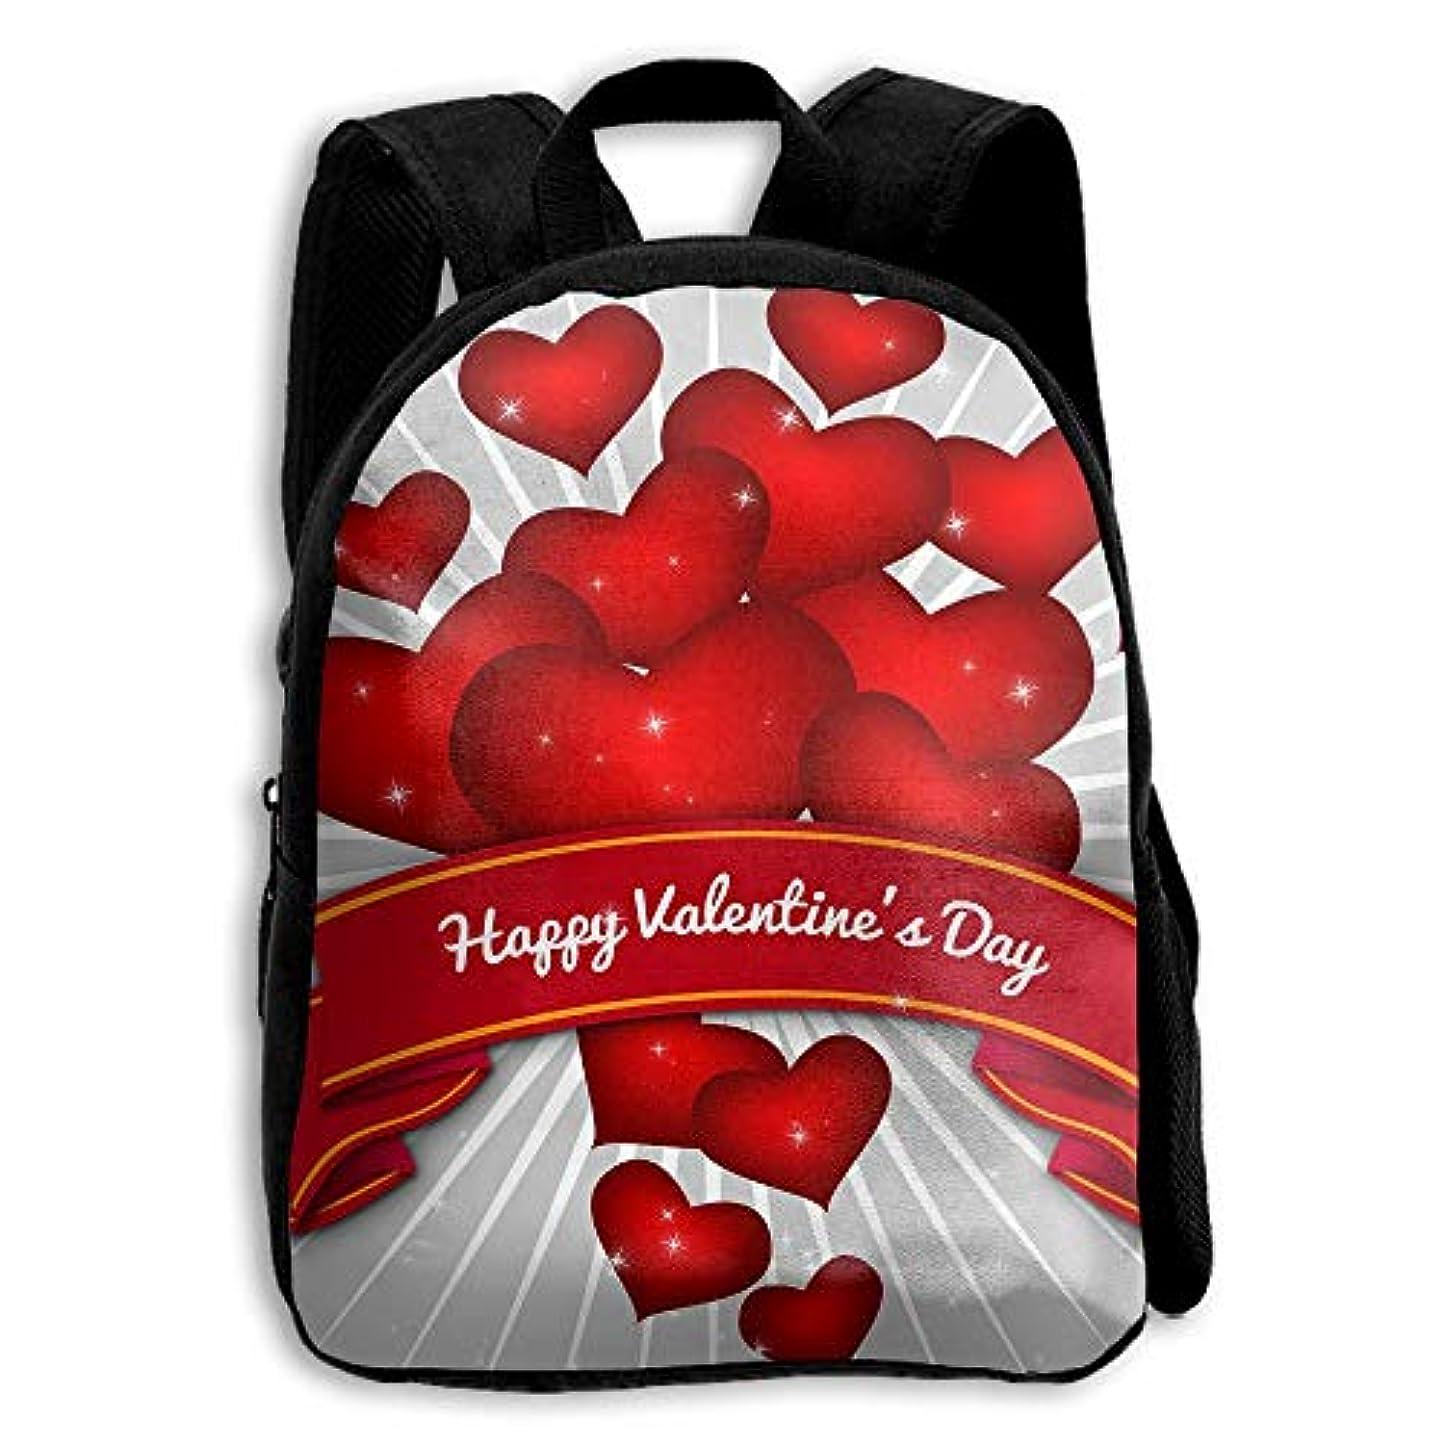 飛ぶスモッグガレージキッズ バックパック 子供用 リュックサック Happy Valentines Day ショルダー デイパック アウトドア 男の子 女の子 通学 旅行 遠足